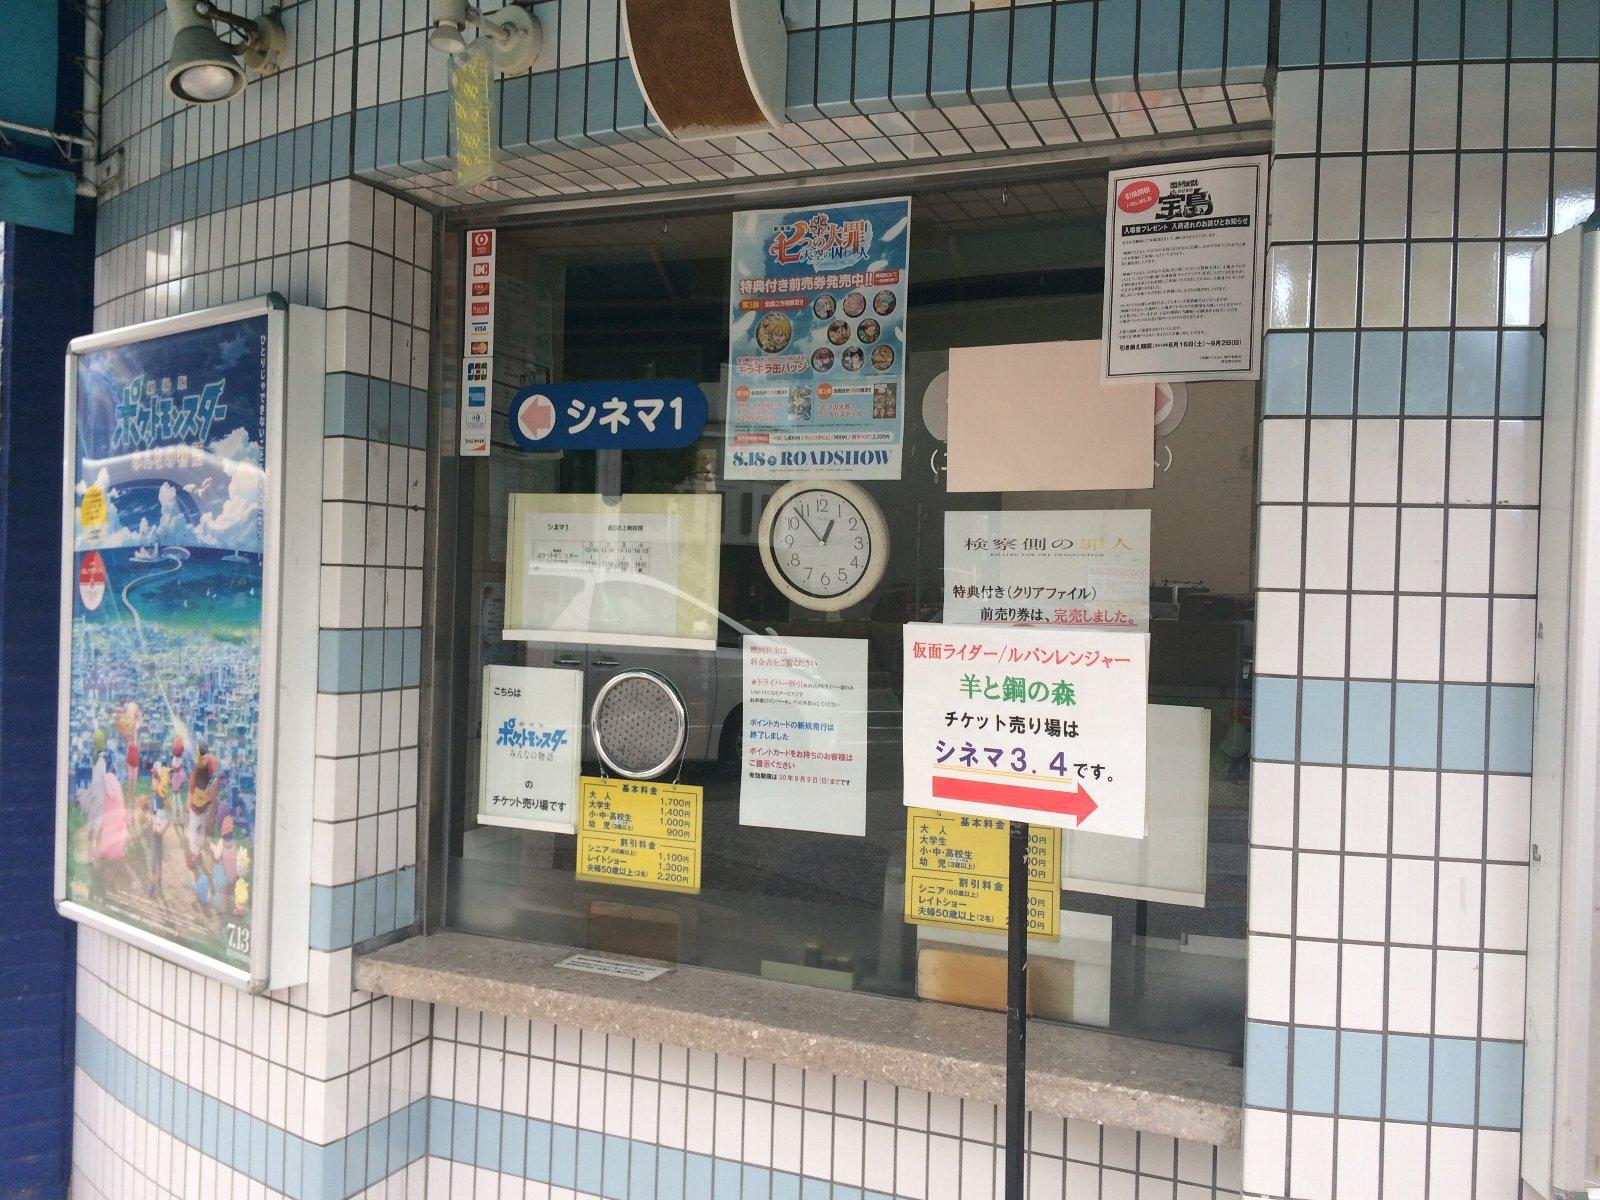 20180808 福井シネマ 切符は窓口で